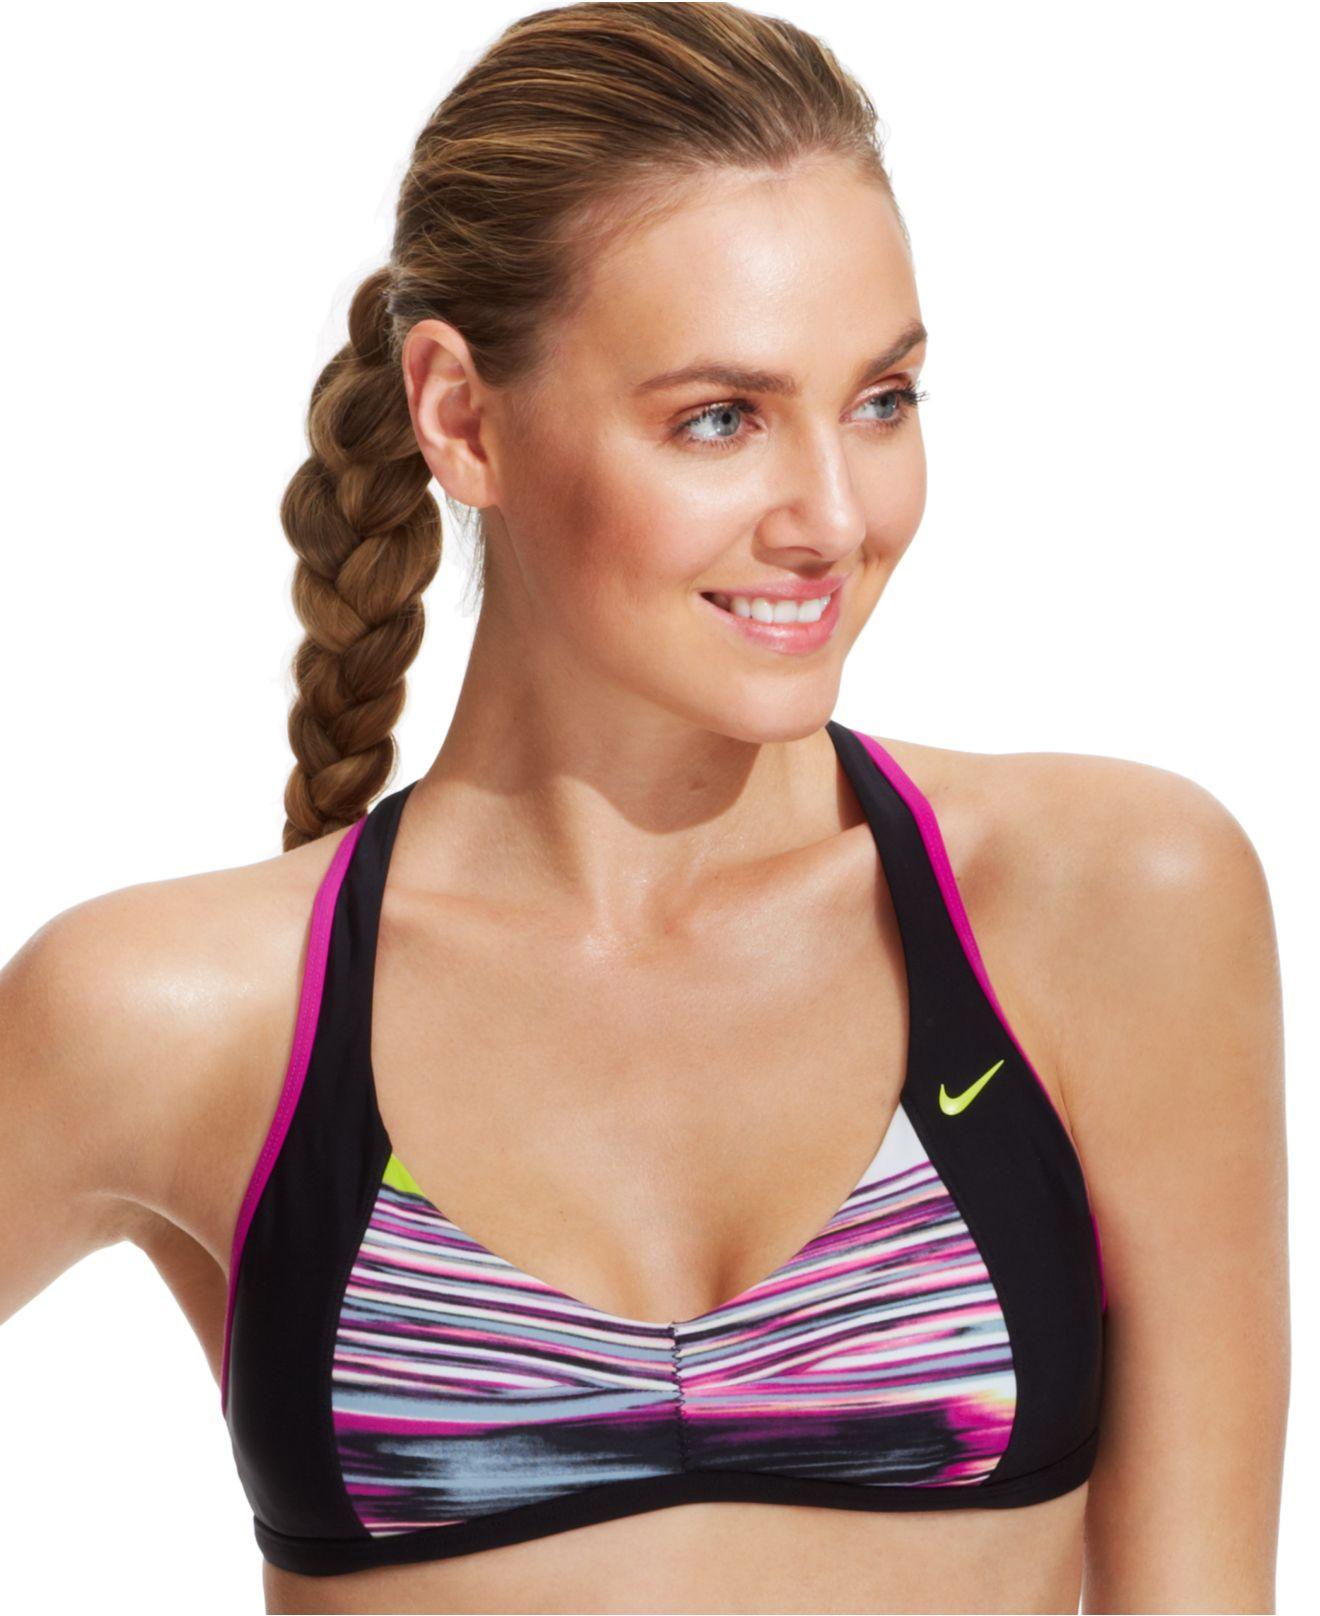 Nike volleyball bikini